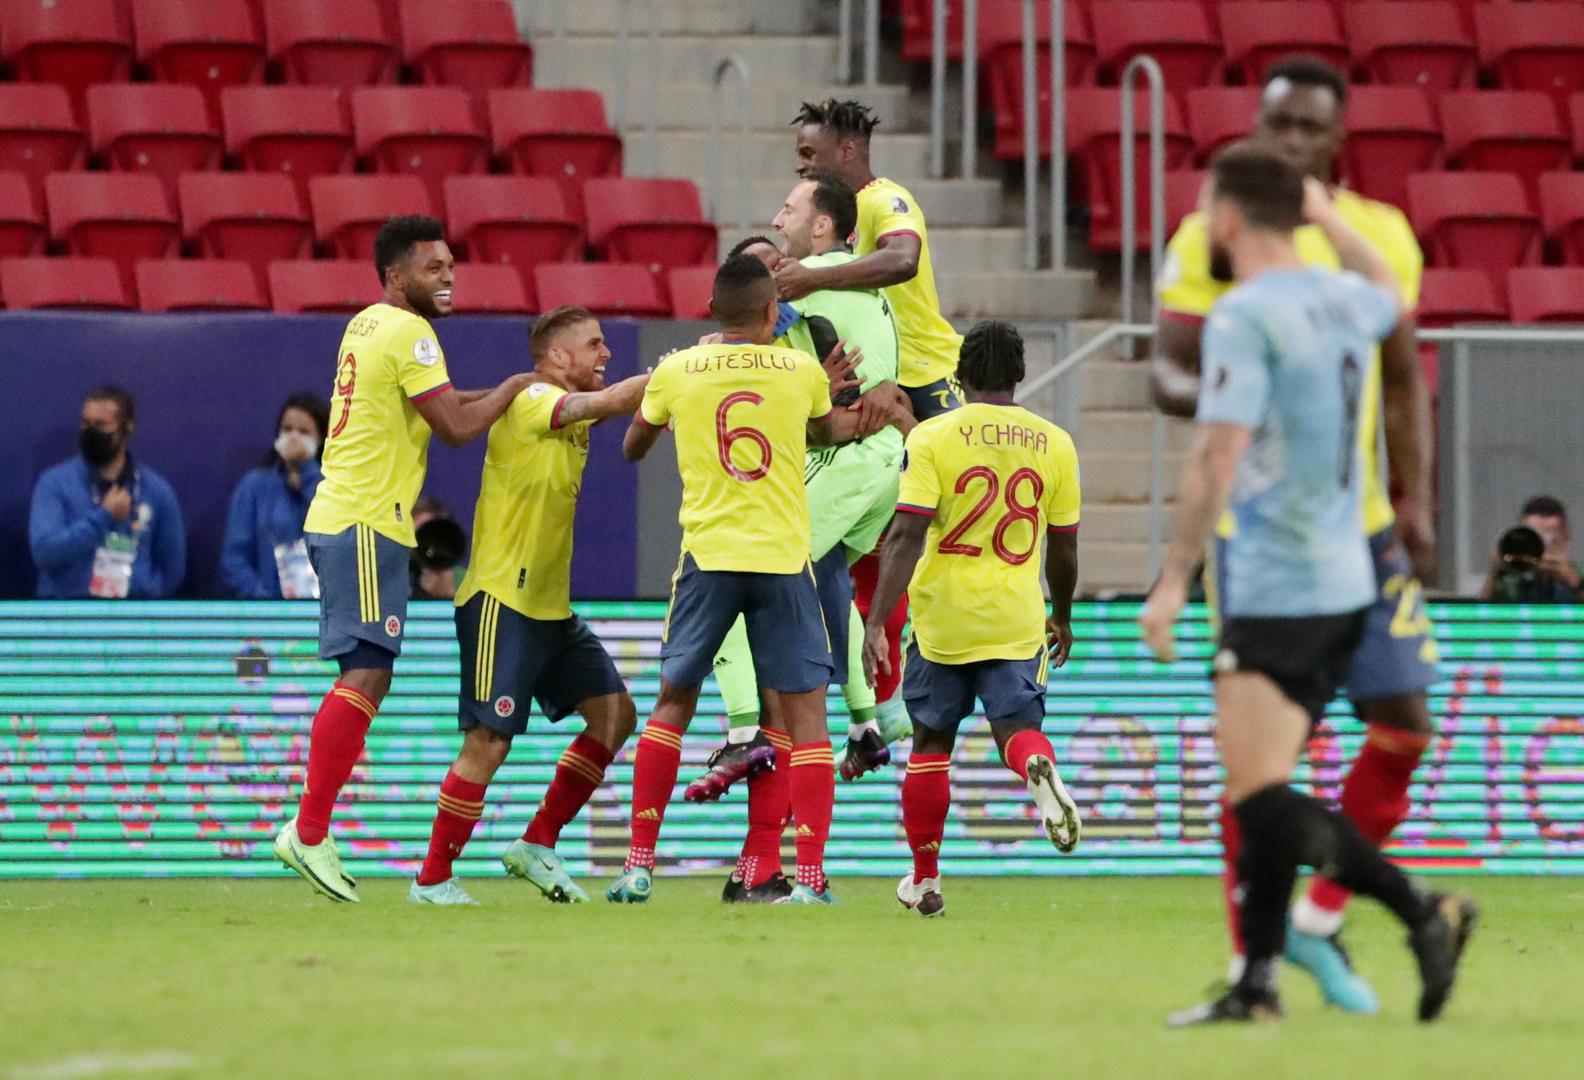 كولومبيا تبلغ قبل نهائي كوبا أمريكا بفوزها بركلات الترجيح على أوروغواي